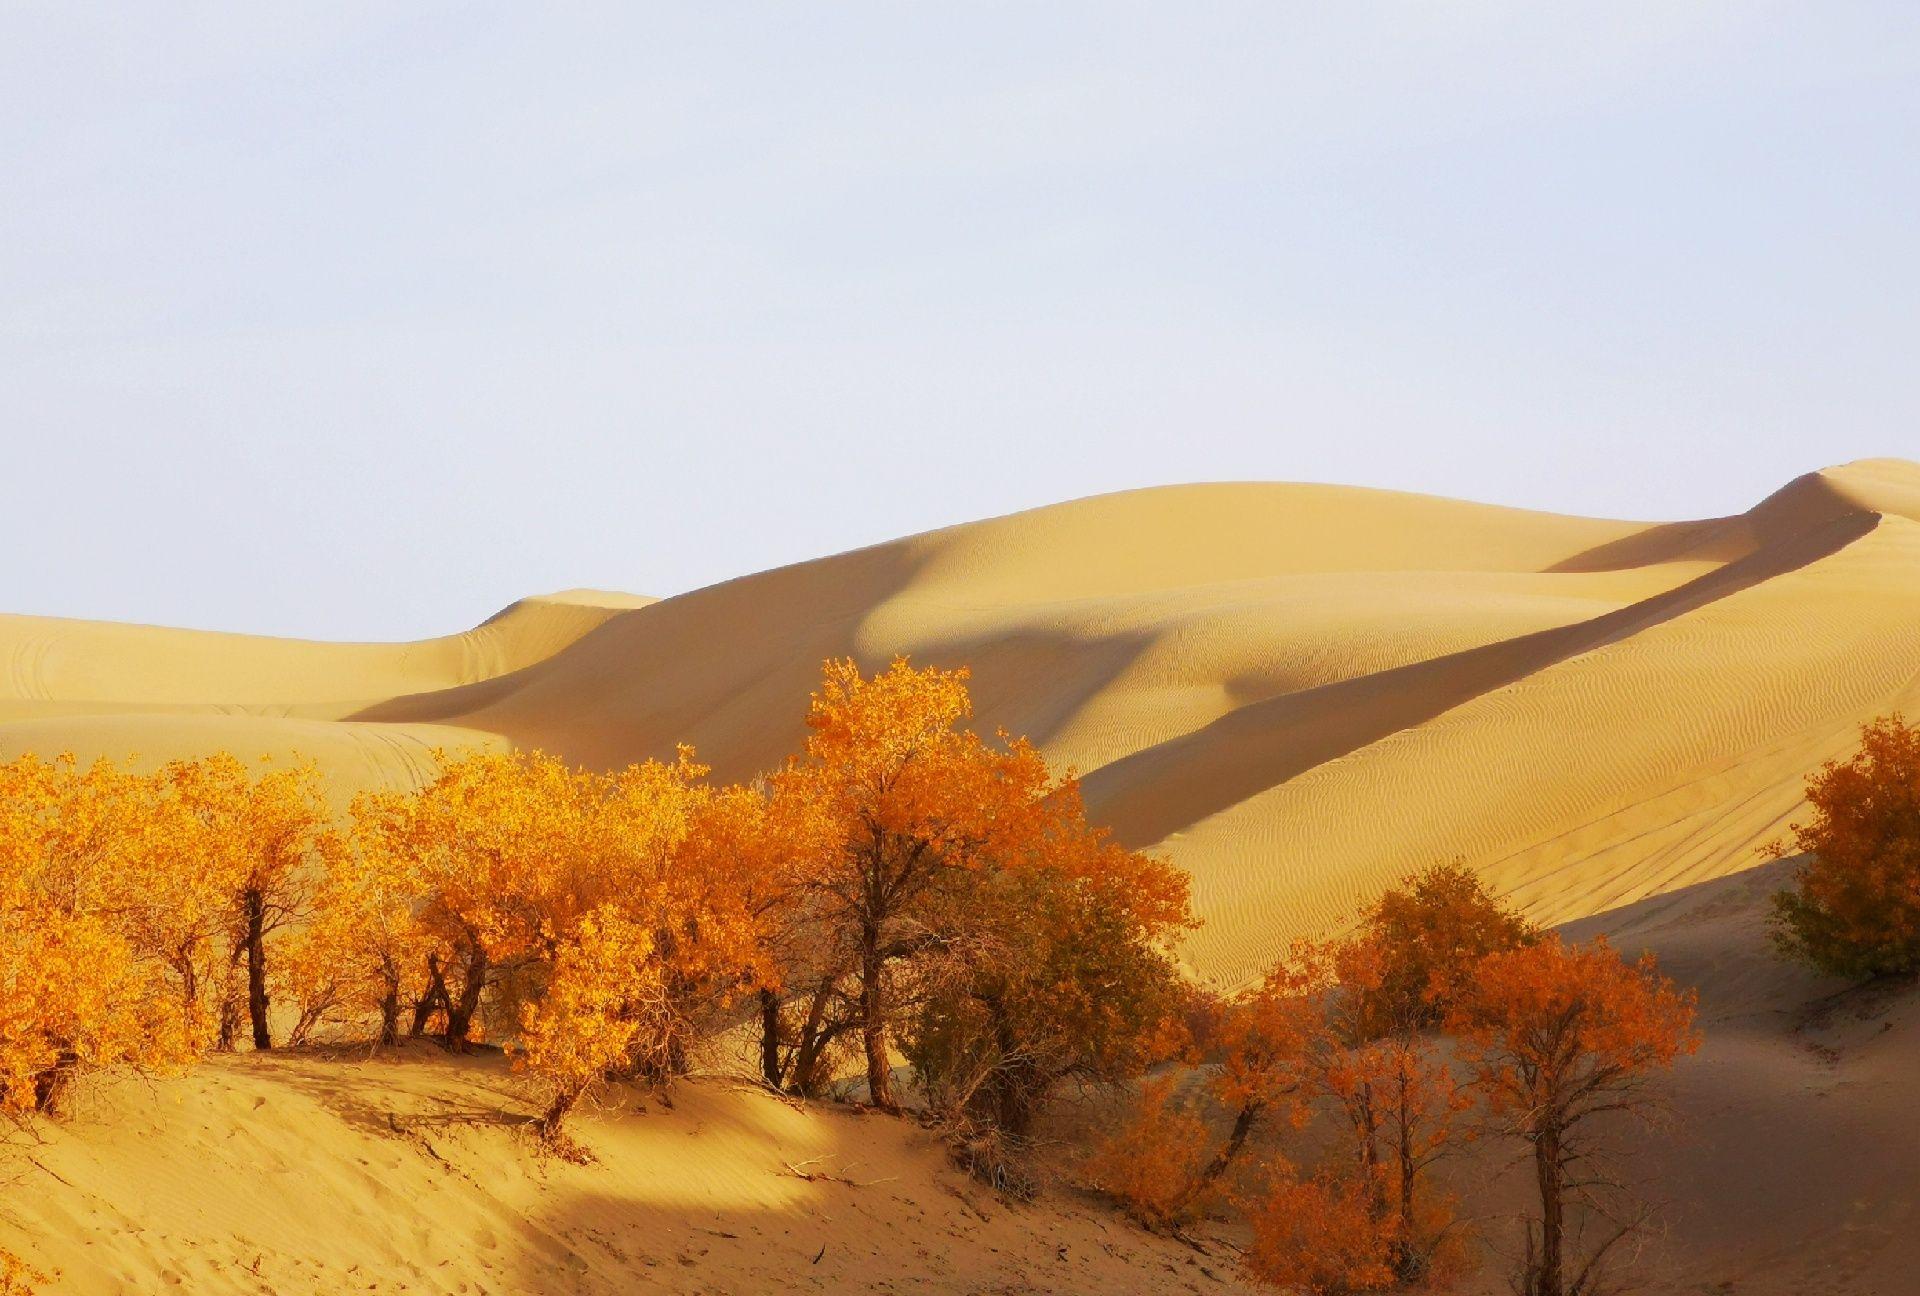 深秋,新疆尉犁县葫芦岛景区沙丘连绵起伏,金色胡杨林,醉人美景